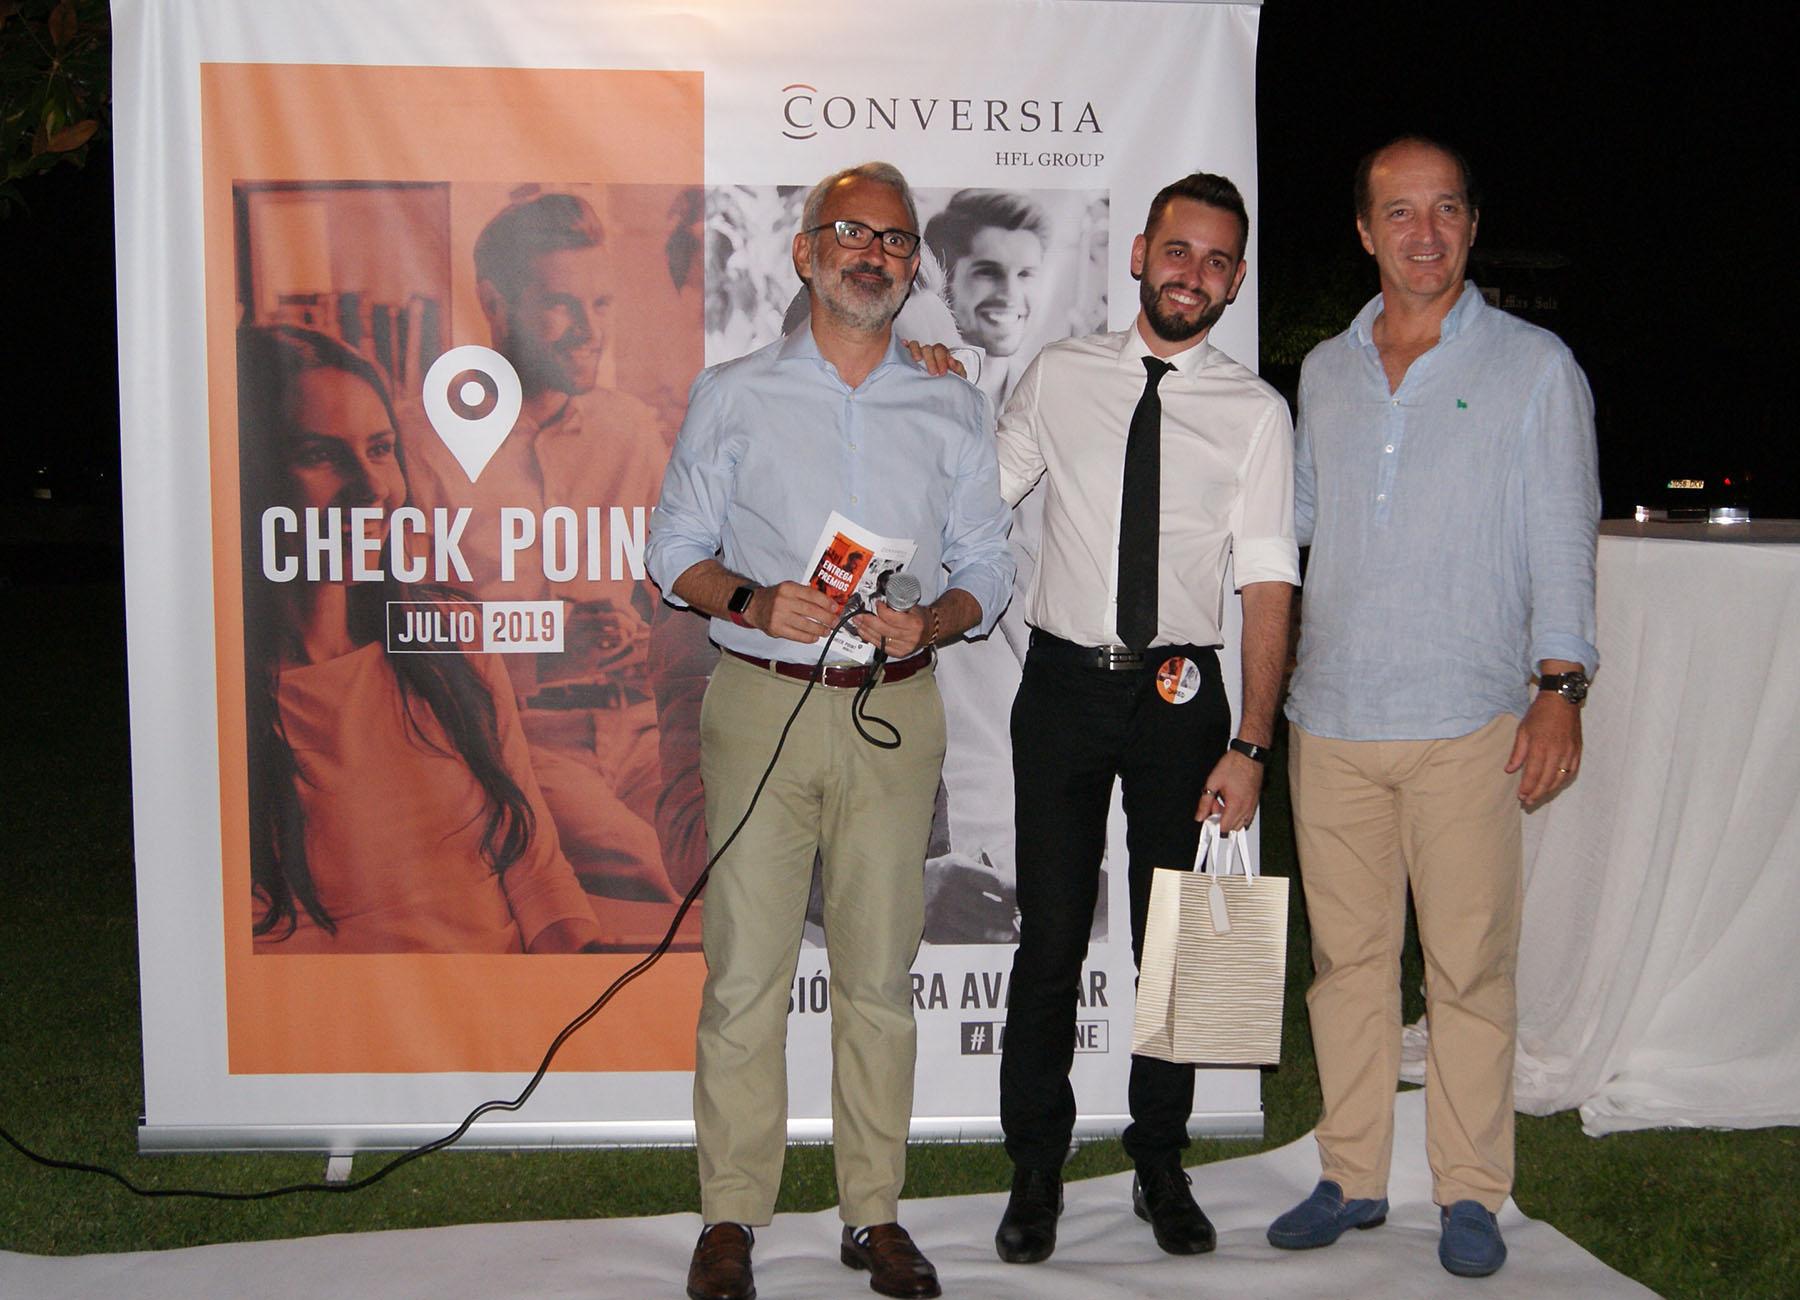 El ganador del concurso de Redes Sociales, Jared Vega, recogiendo el premio de manos del Consejero Delegado del Grupo HFL, Augusto Carmona y del Director General de Conversia, Alfonso Corral.